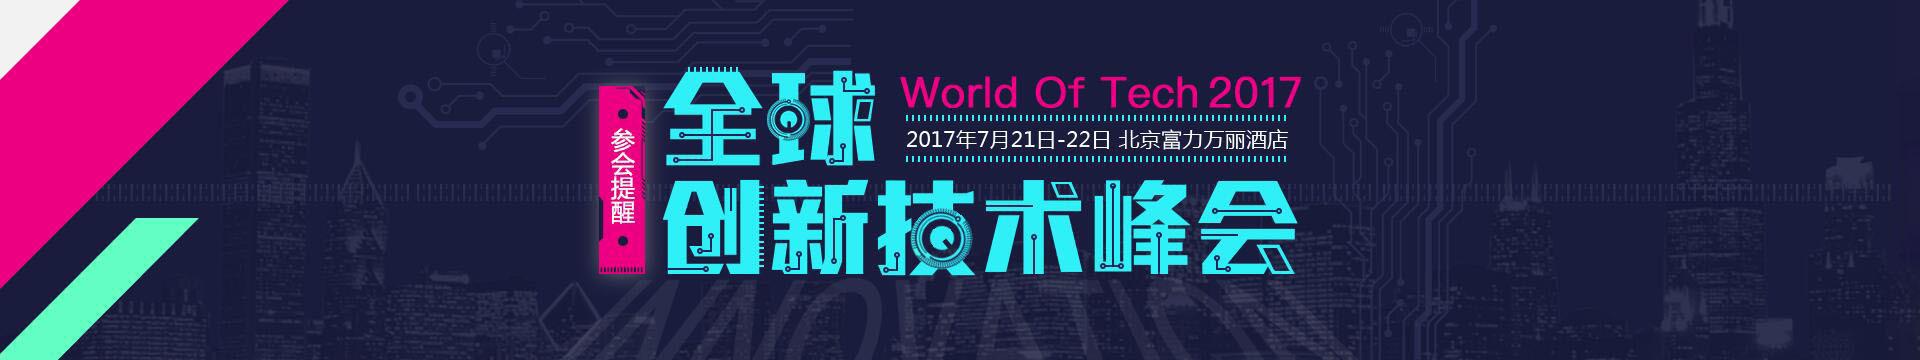 WOTI 2017全球创新技术峰会(人工智能方向)